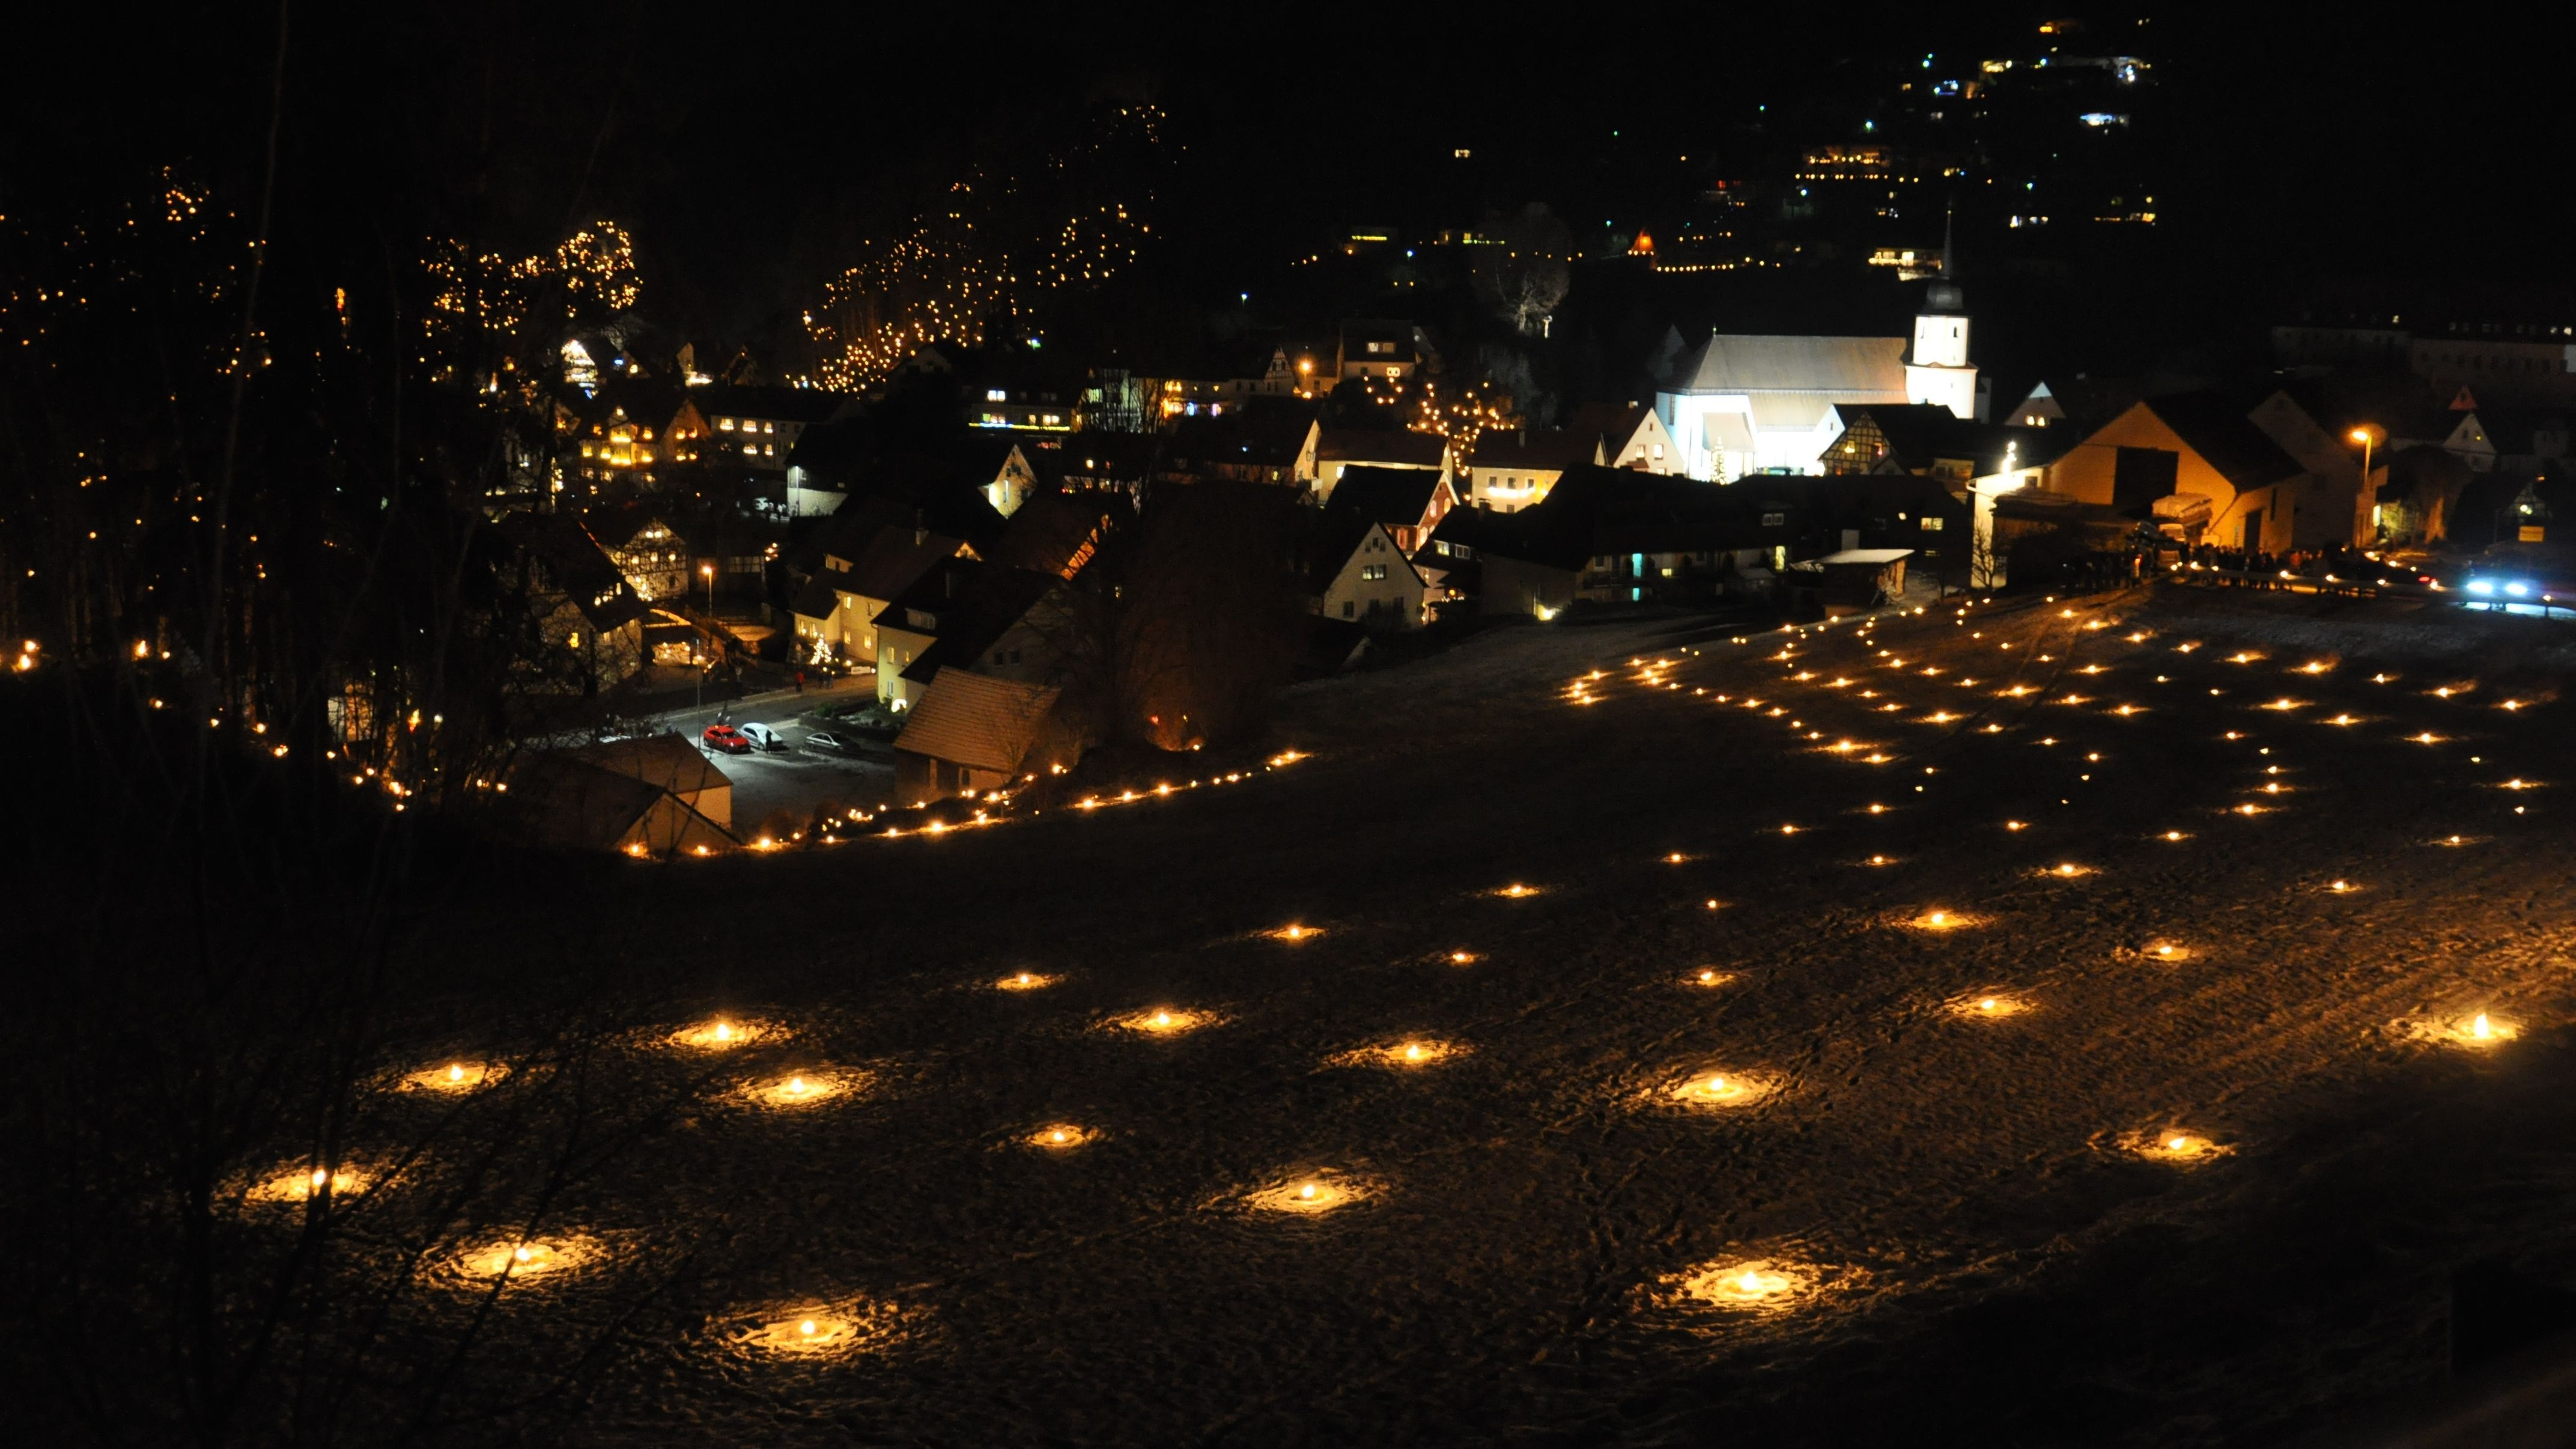 Viele Tausend Lichter erleuchten nach Einbruch der Dunkelheit den Ort Obertrubach.